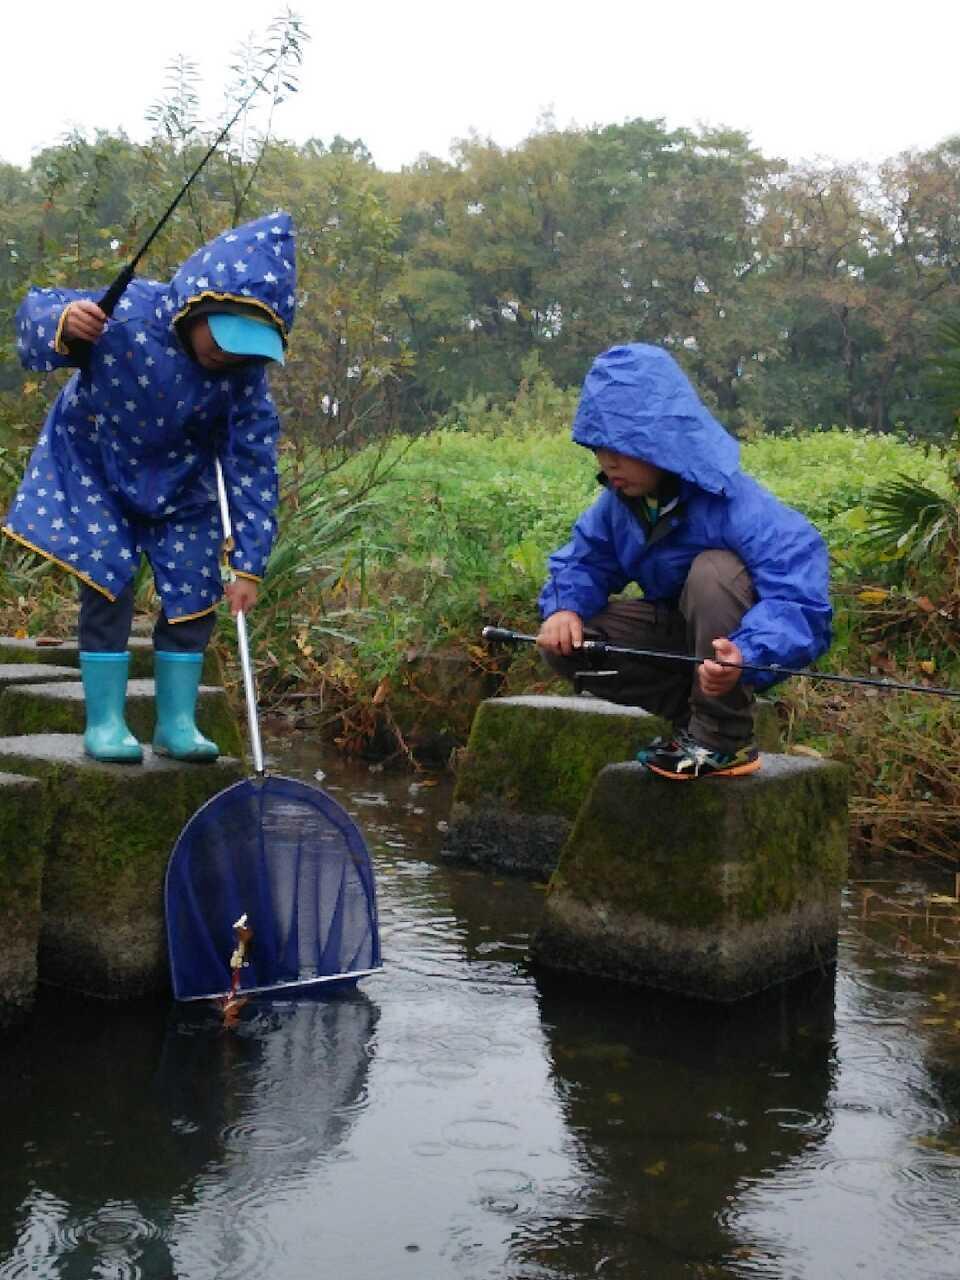 ザリガニ釣りには餌があれば手軽に釣りにいけます